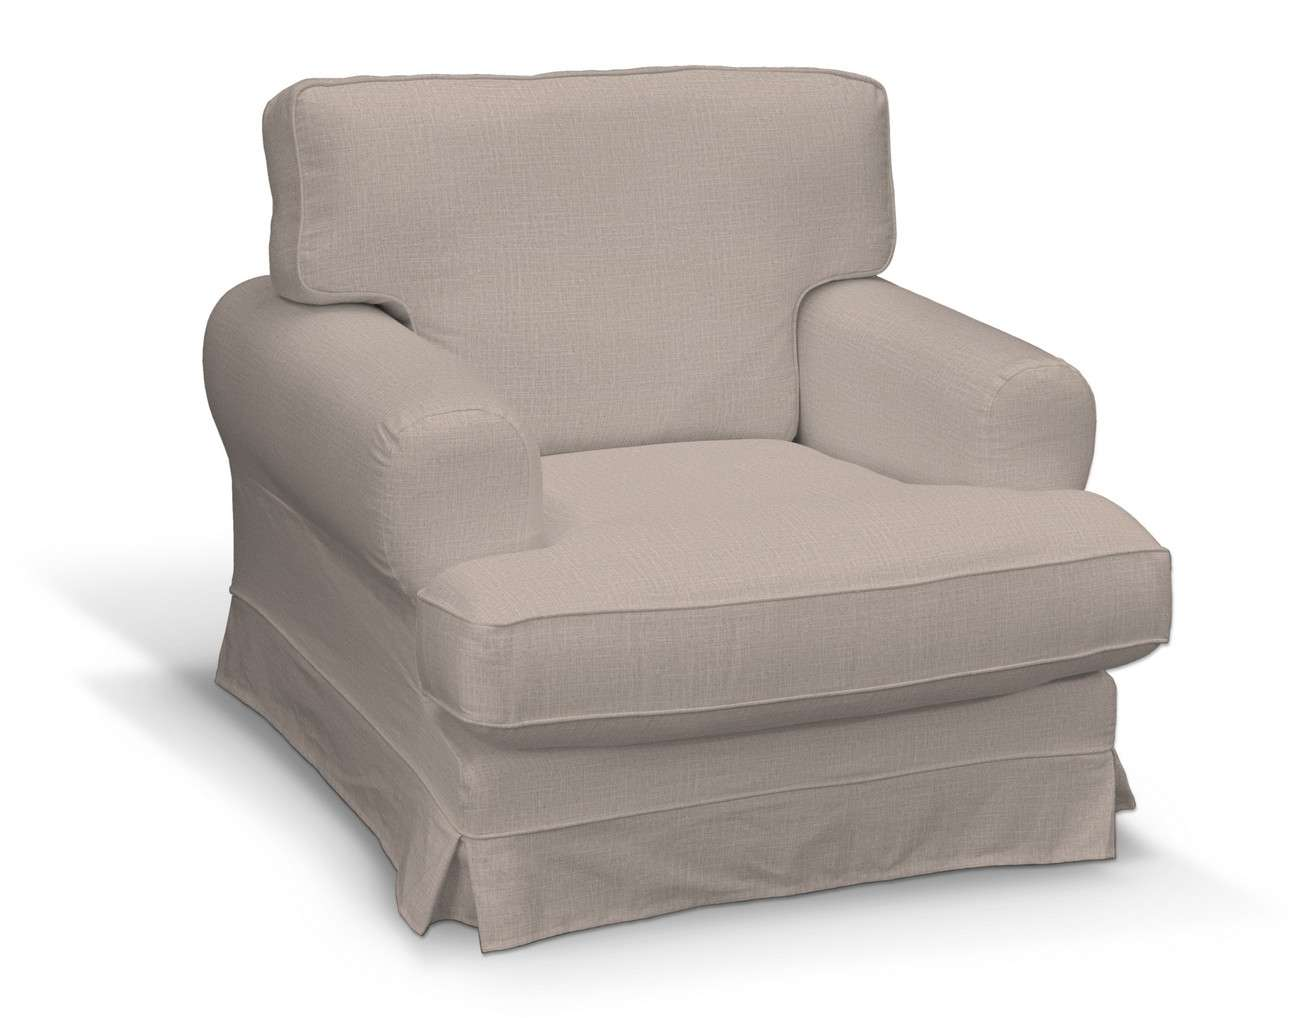 Pokrowiec na fotel Ekeskog w kolekcji Living II, tkanina: 160-85